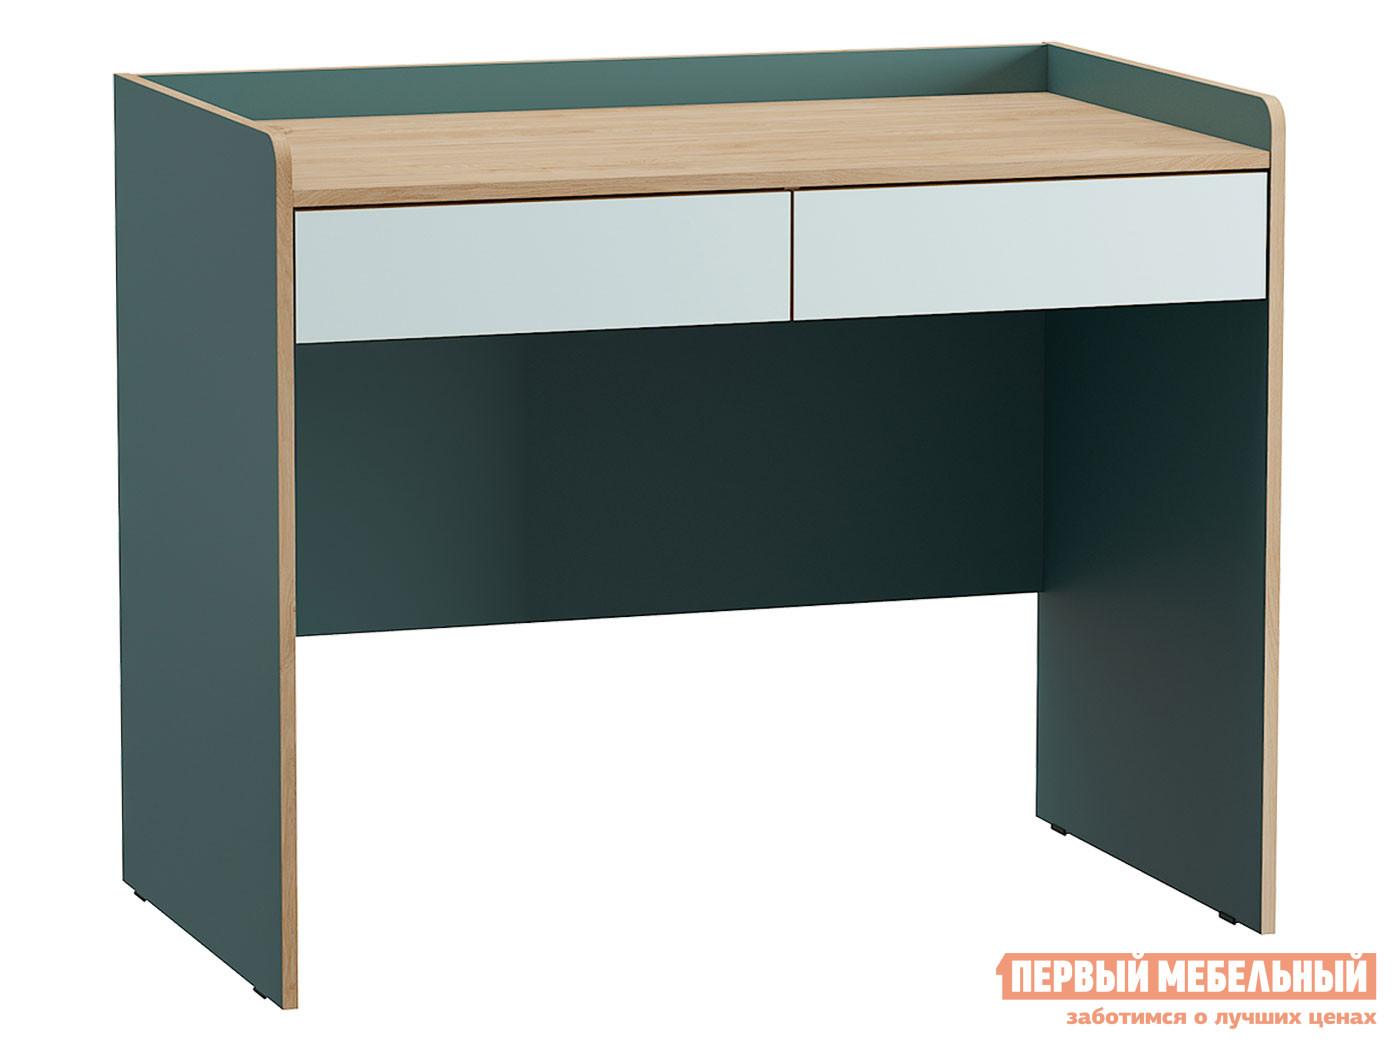 Детский письменный стол Первый Мебельный Гудвин Стол письменный 12.34 недорого